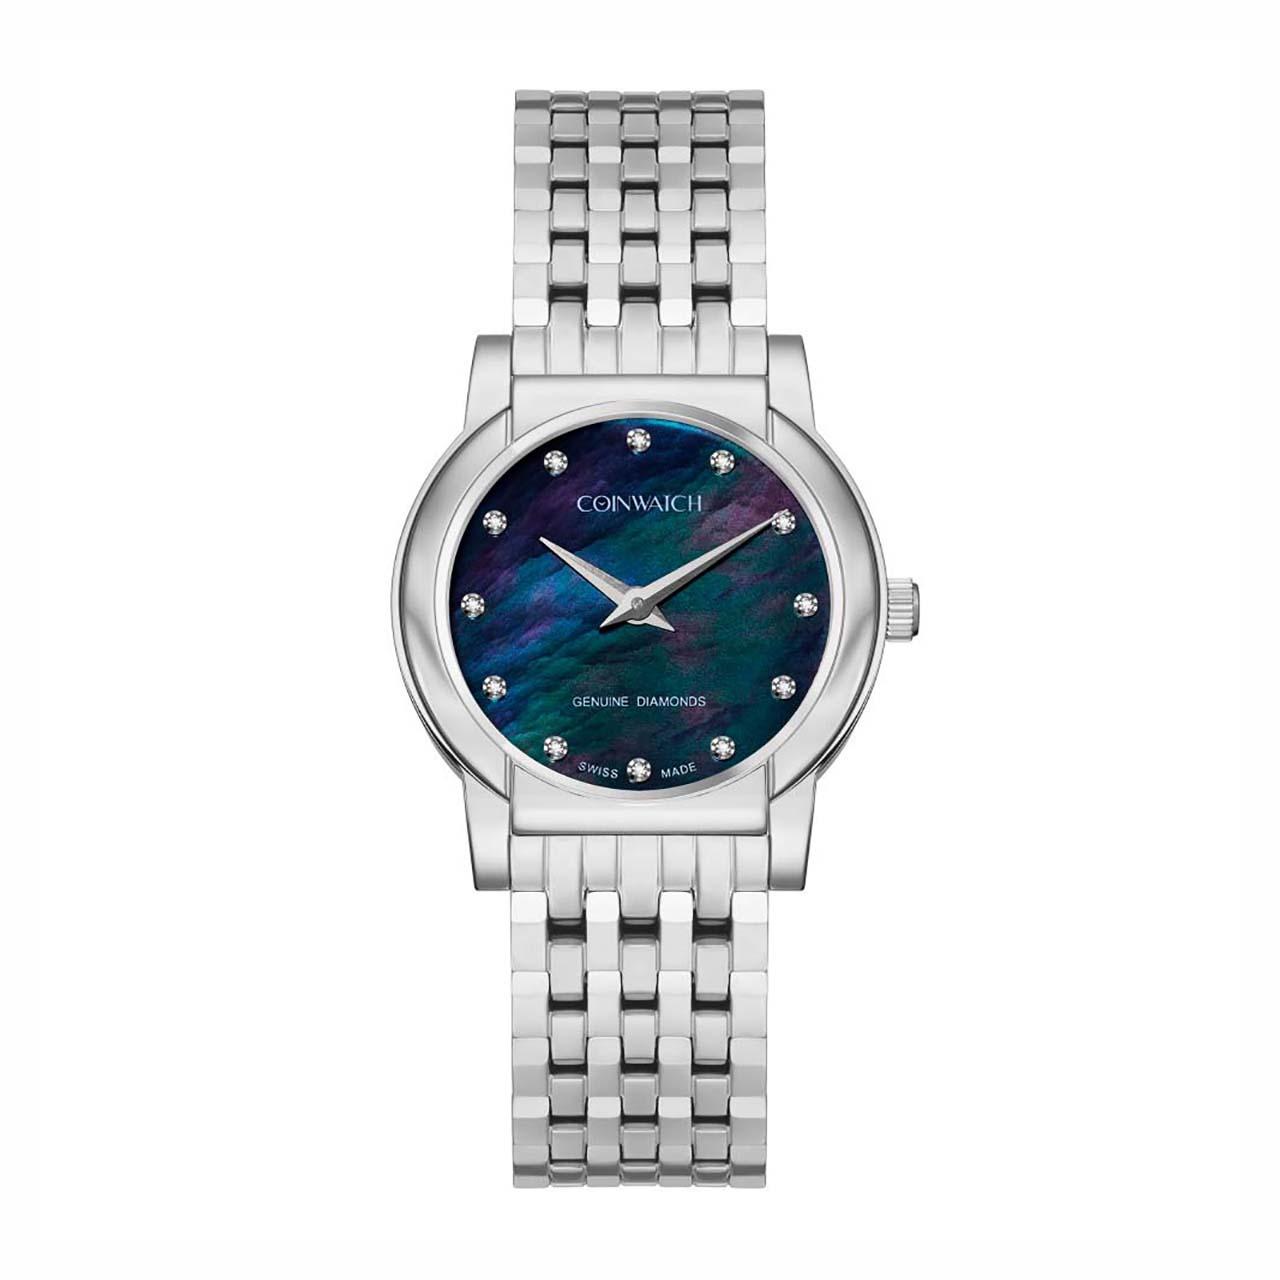 ساعت مچی عقربه ای زنانه کوین واچ مدل C178SBK